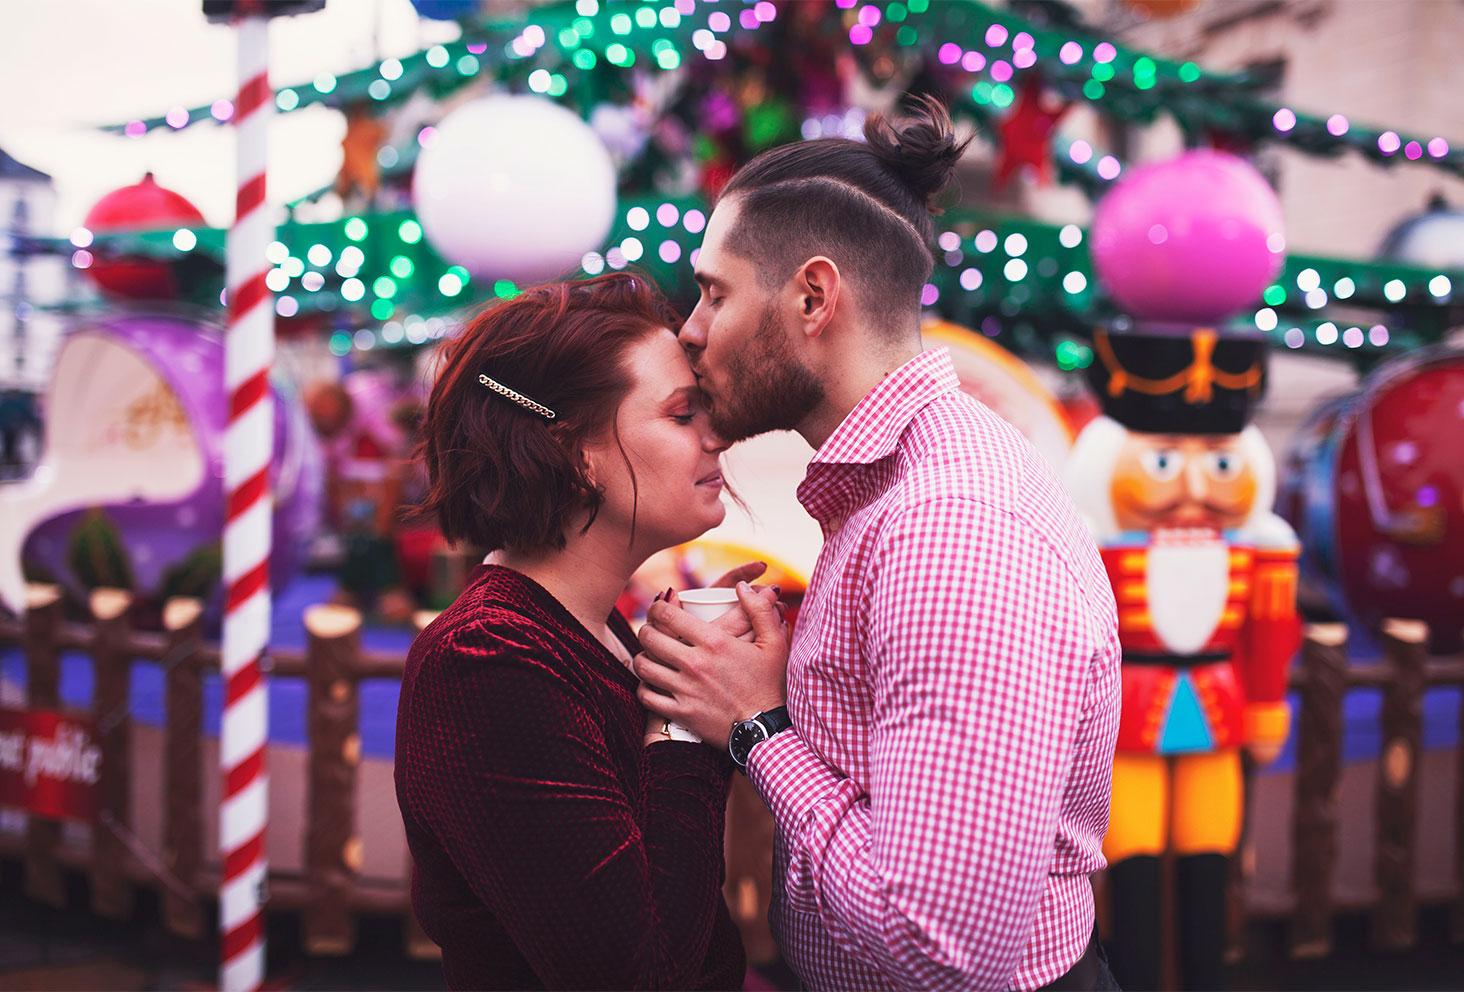 Devant un manège lumineux du marché de Noël de Tours, en amoureux un verre de cidre chaud entre les mains, un bisou sur le front avec le sourire